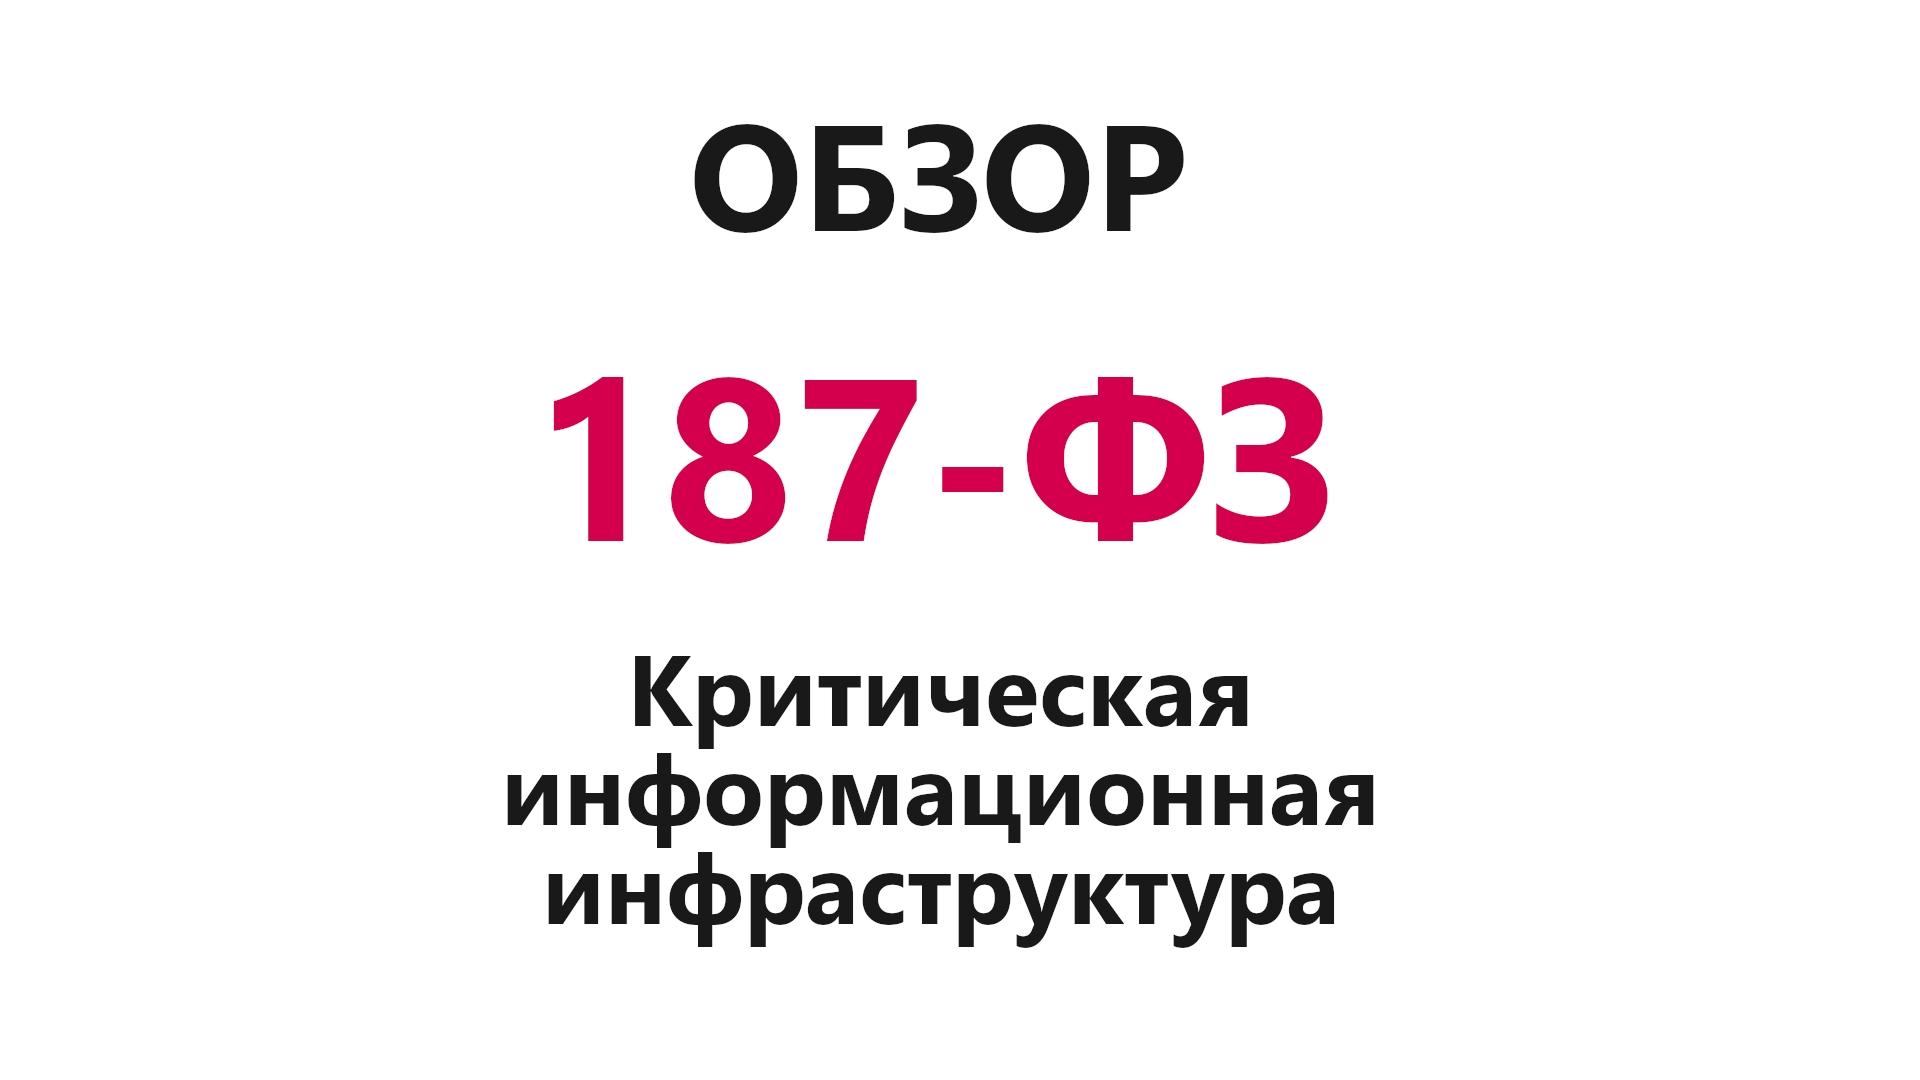 187-ФЗ: Критическая информационная инфраструктура